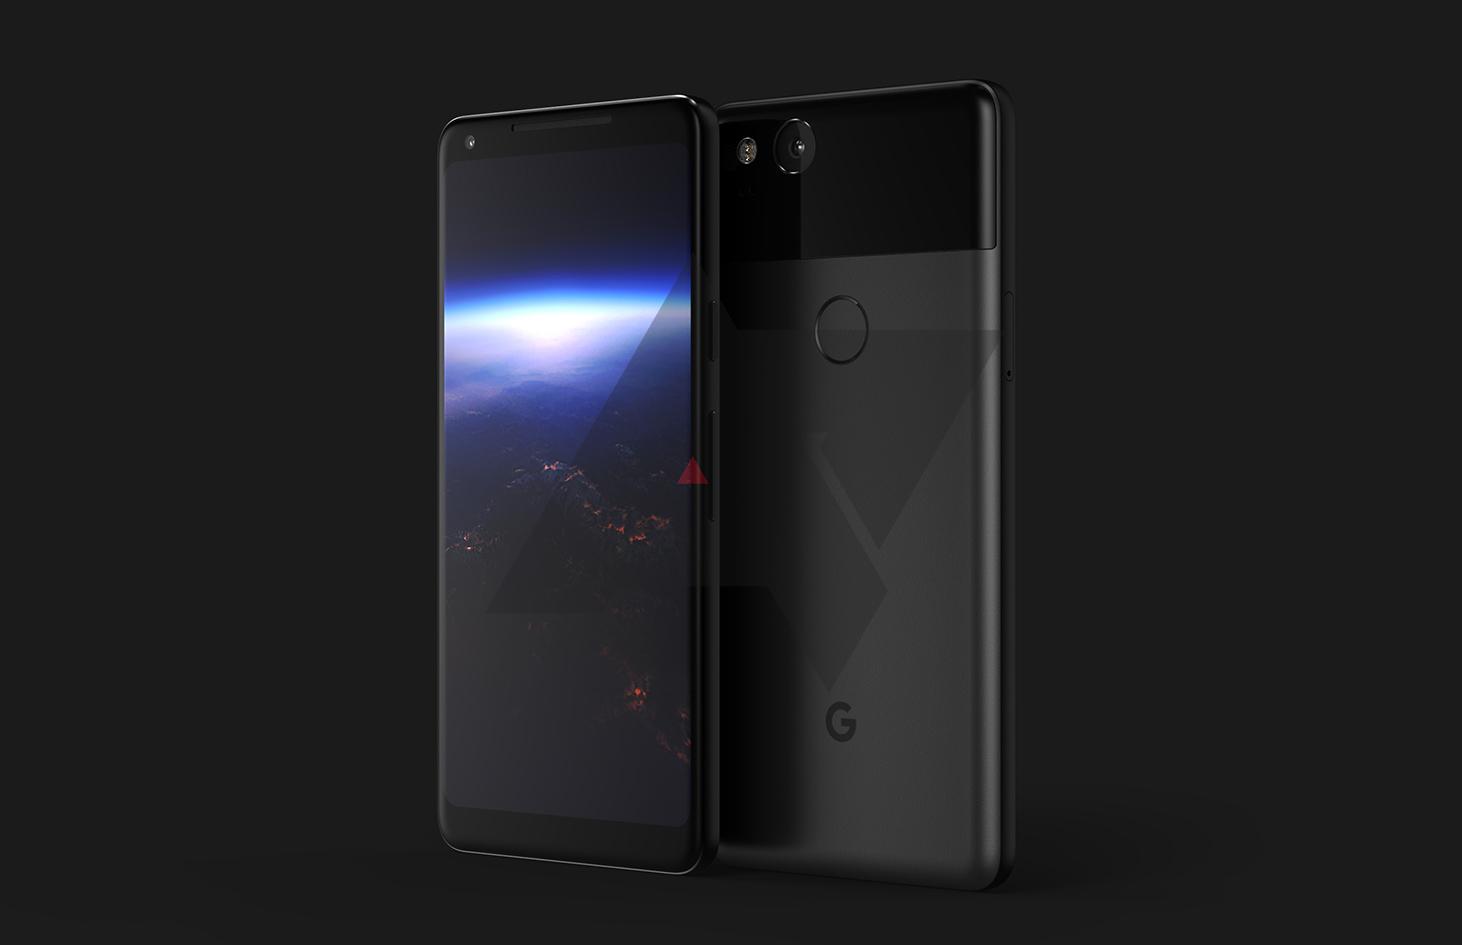 طرح مفهومی از گوشی گوگل پیکسل ۲ منتشر شد